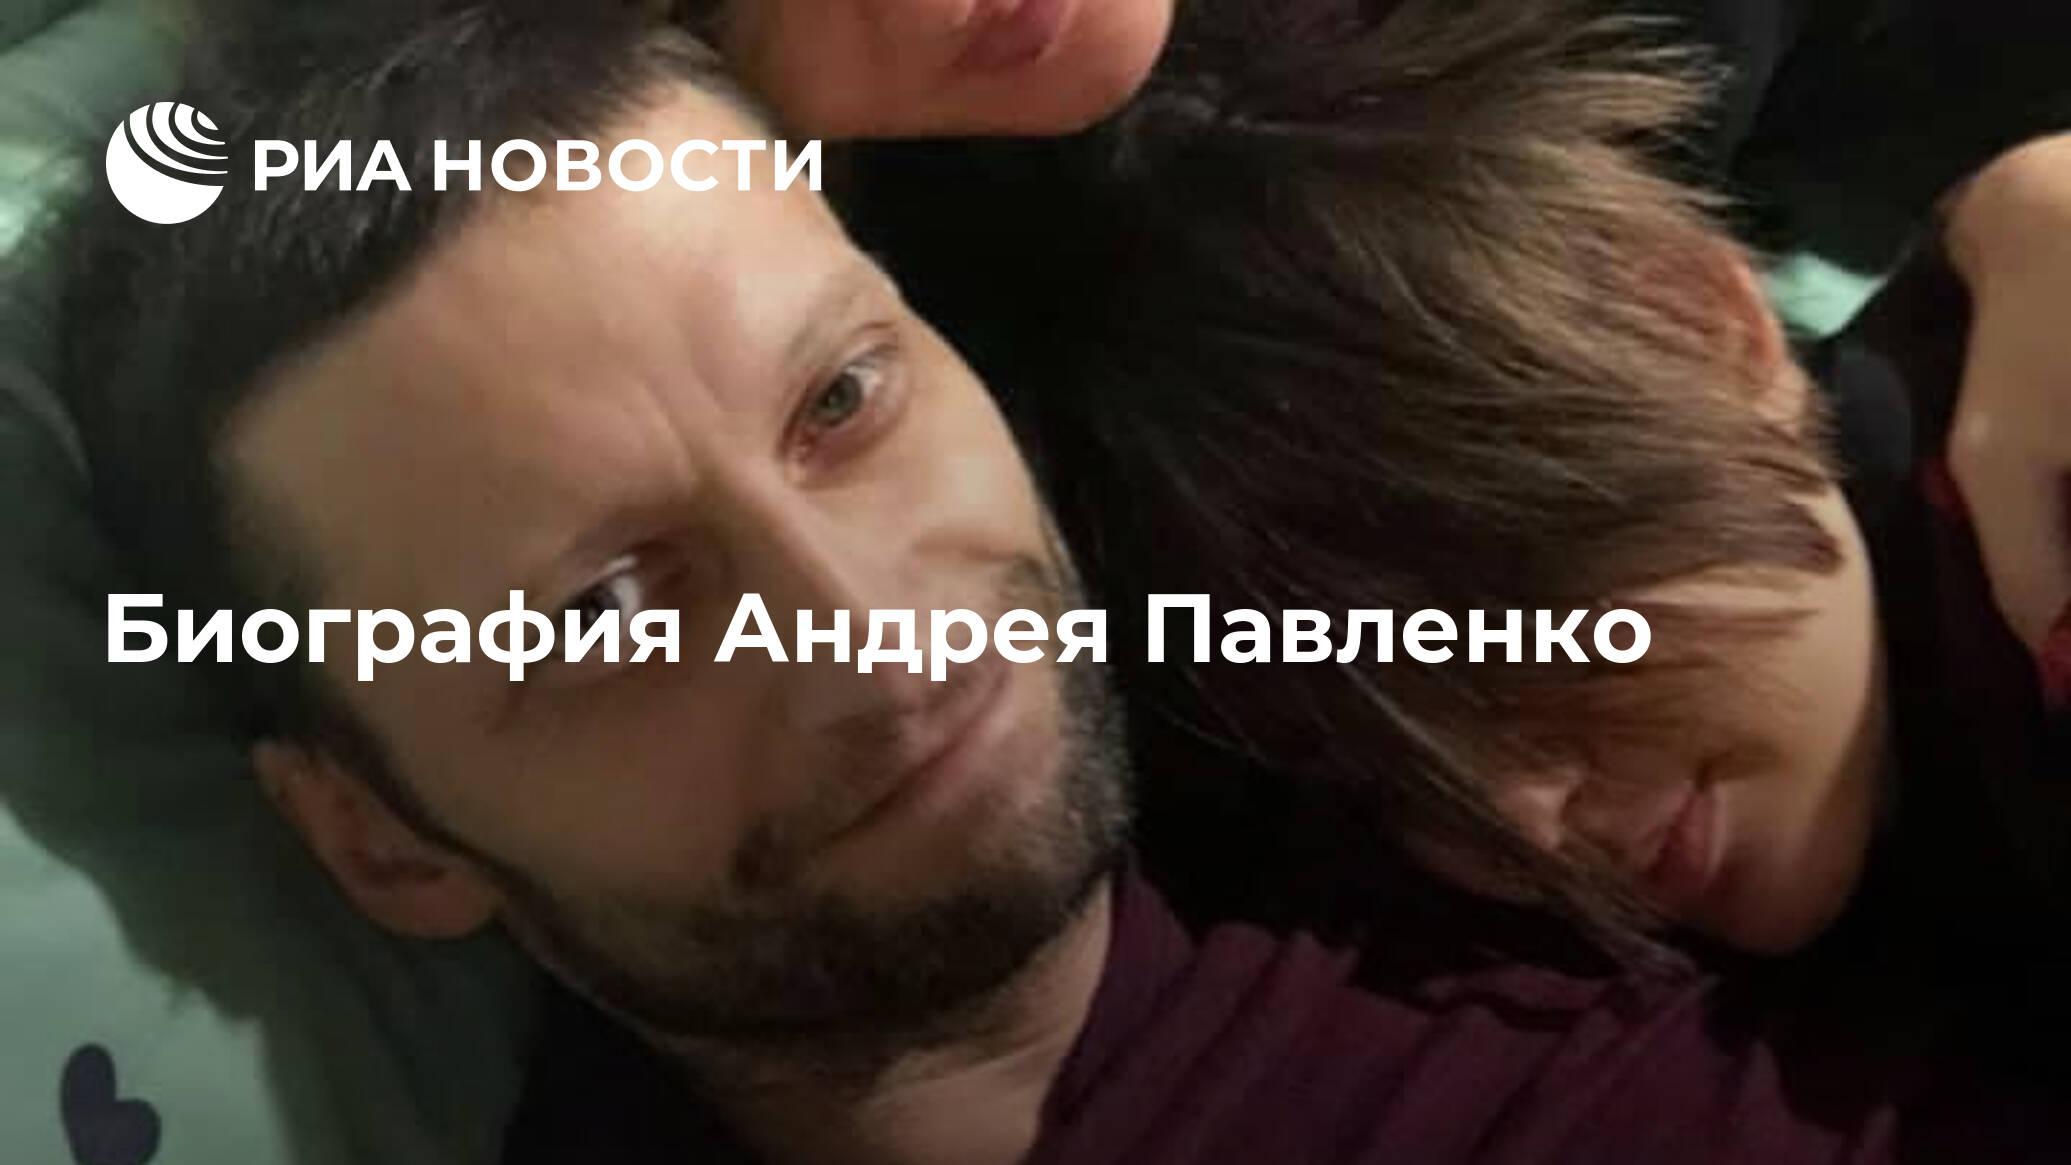 Деньги сериал 2020 википедия